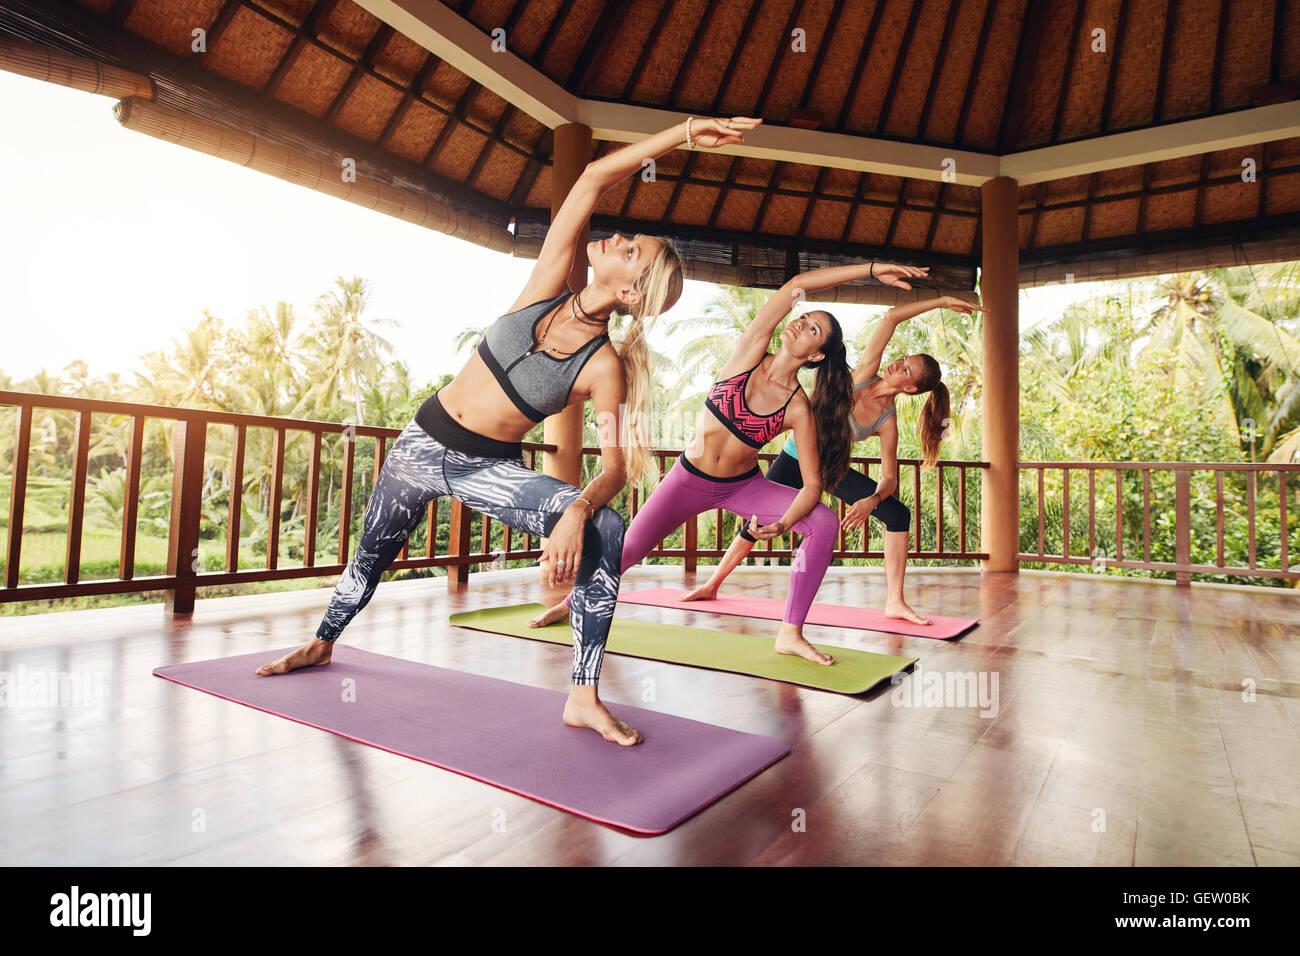 Foto de jóvenes mujeres de pie sobre la colchoneta de ejercicios con sus manos levantadas. Grupo de hembras Imagen De Stock